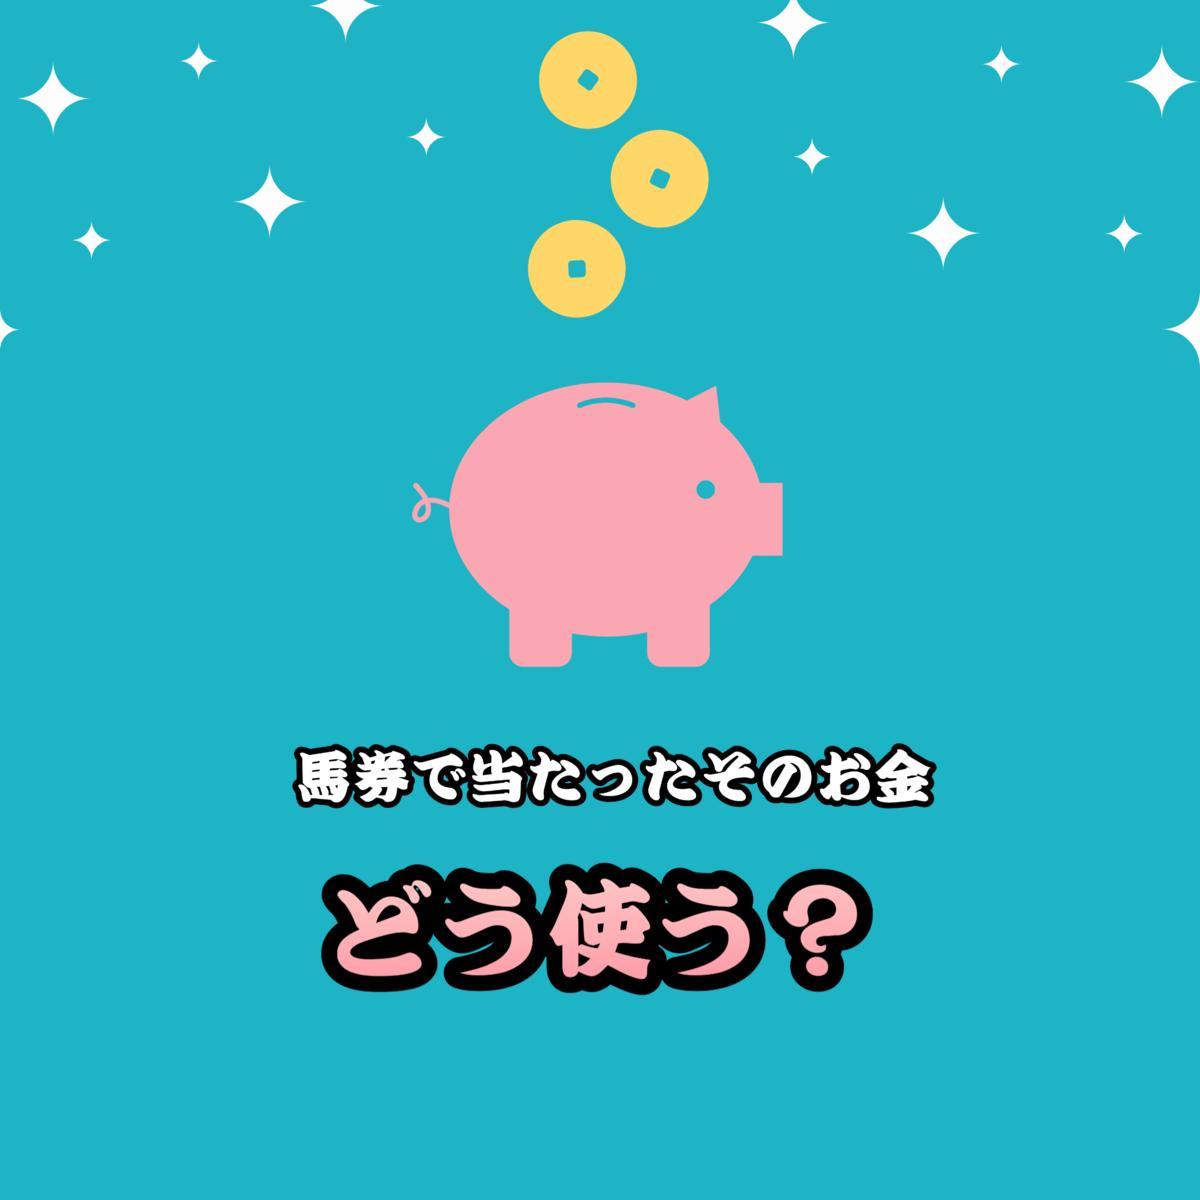 f:id:hamuhamu18:20200628132512p:plain